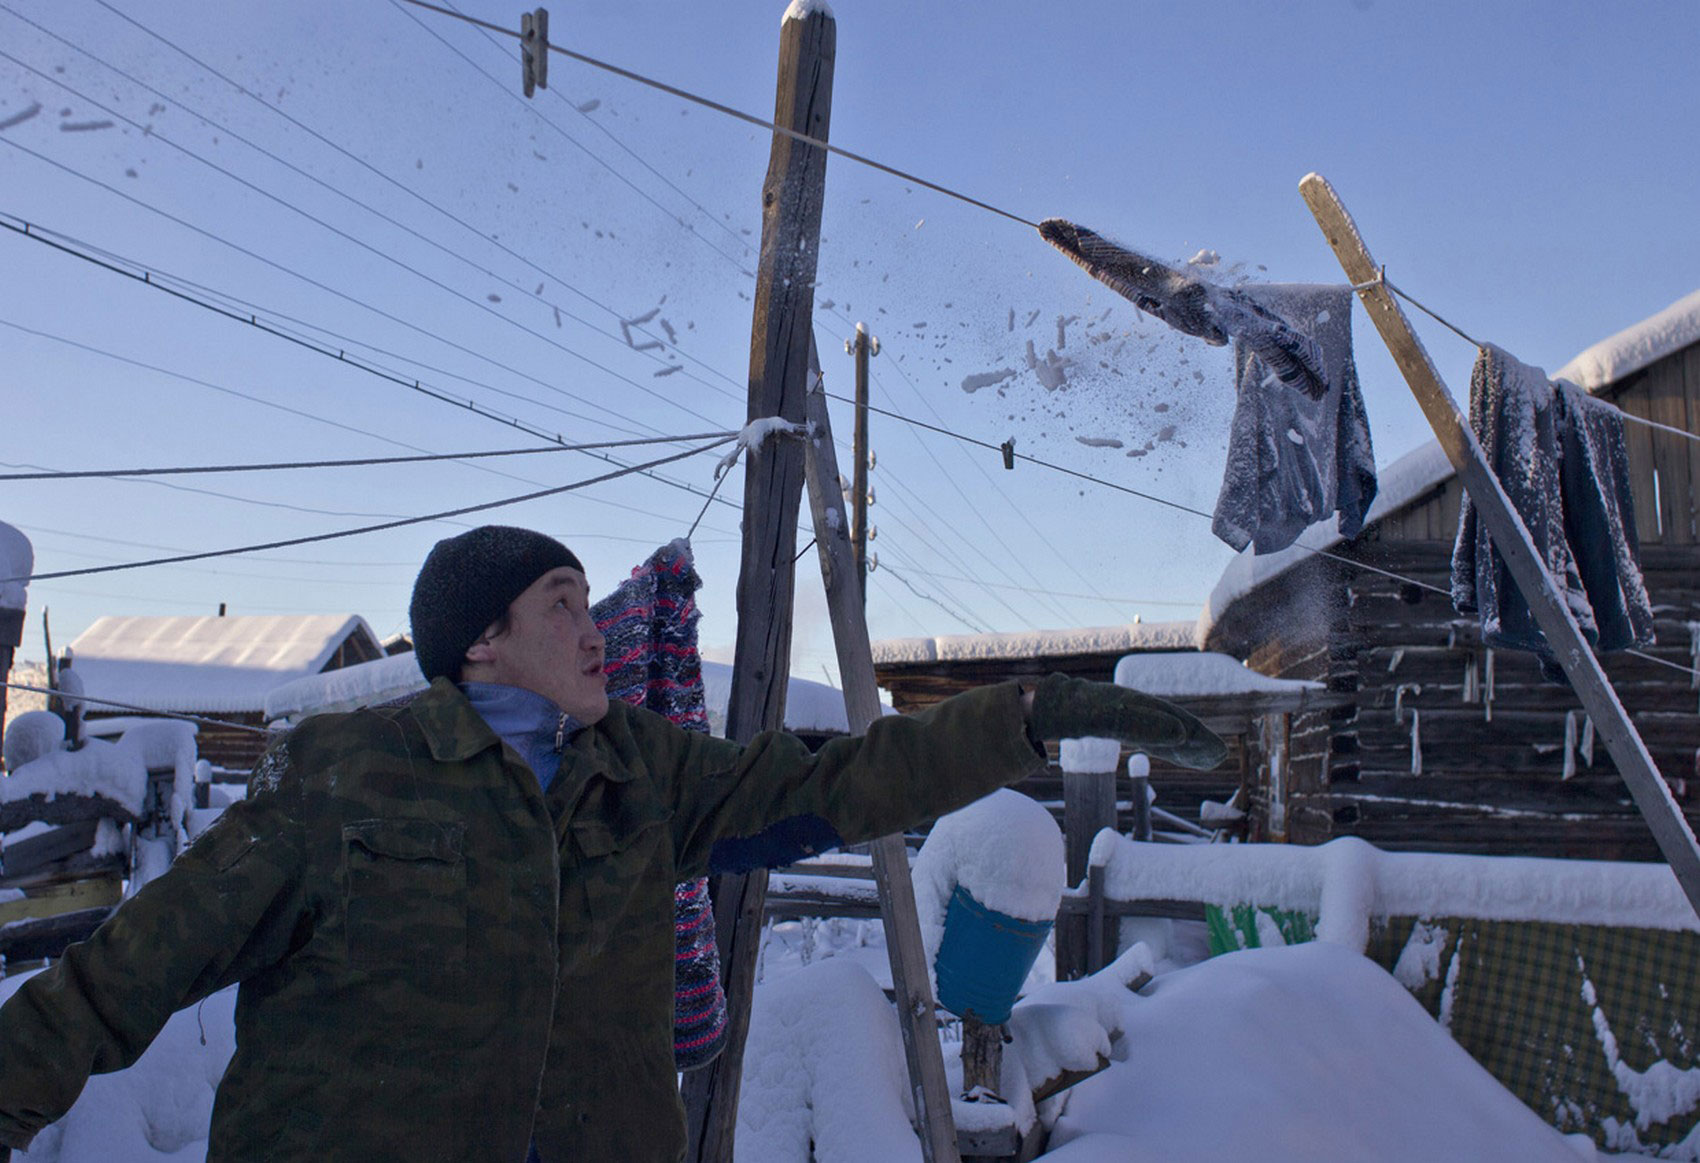 мужчина счищает снег с замерзшего белья